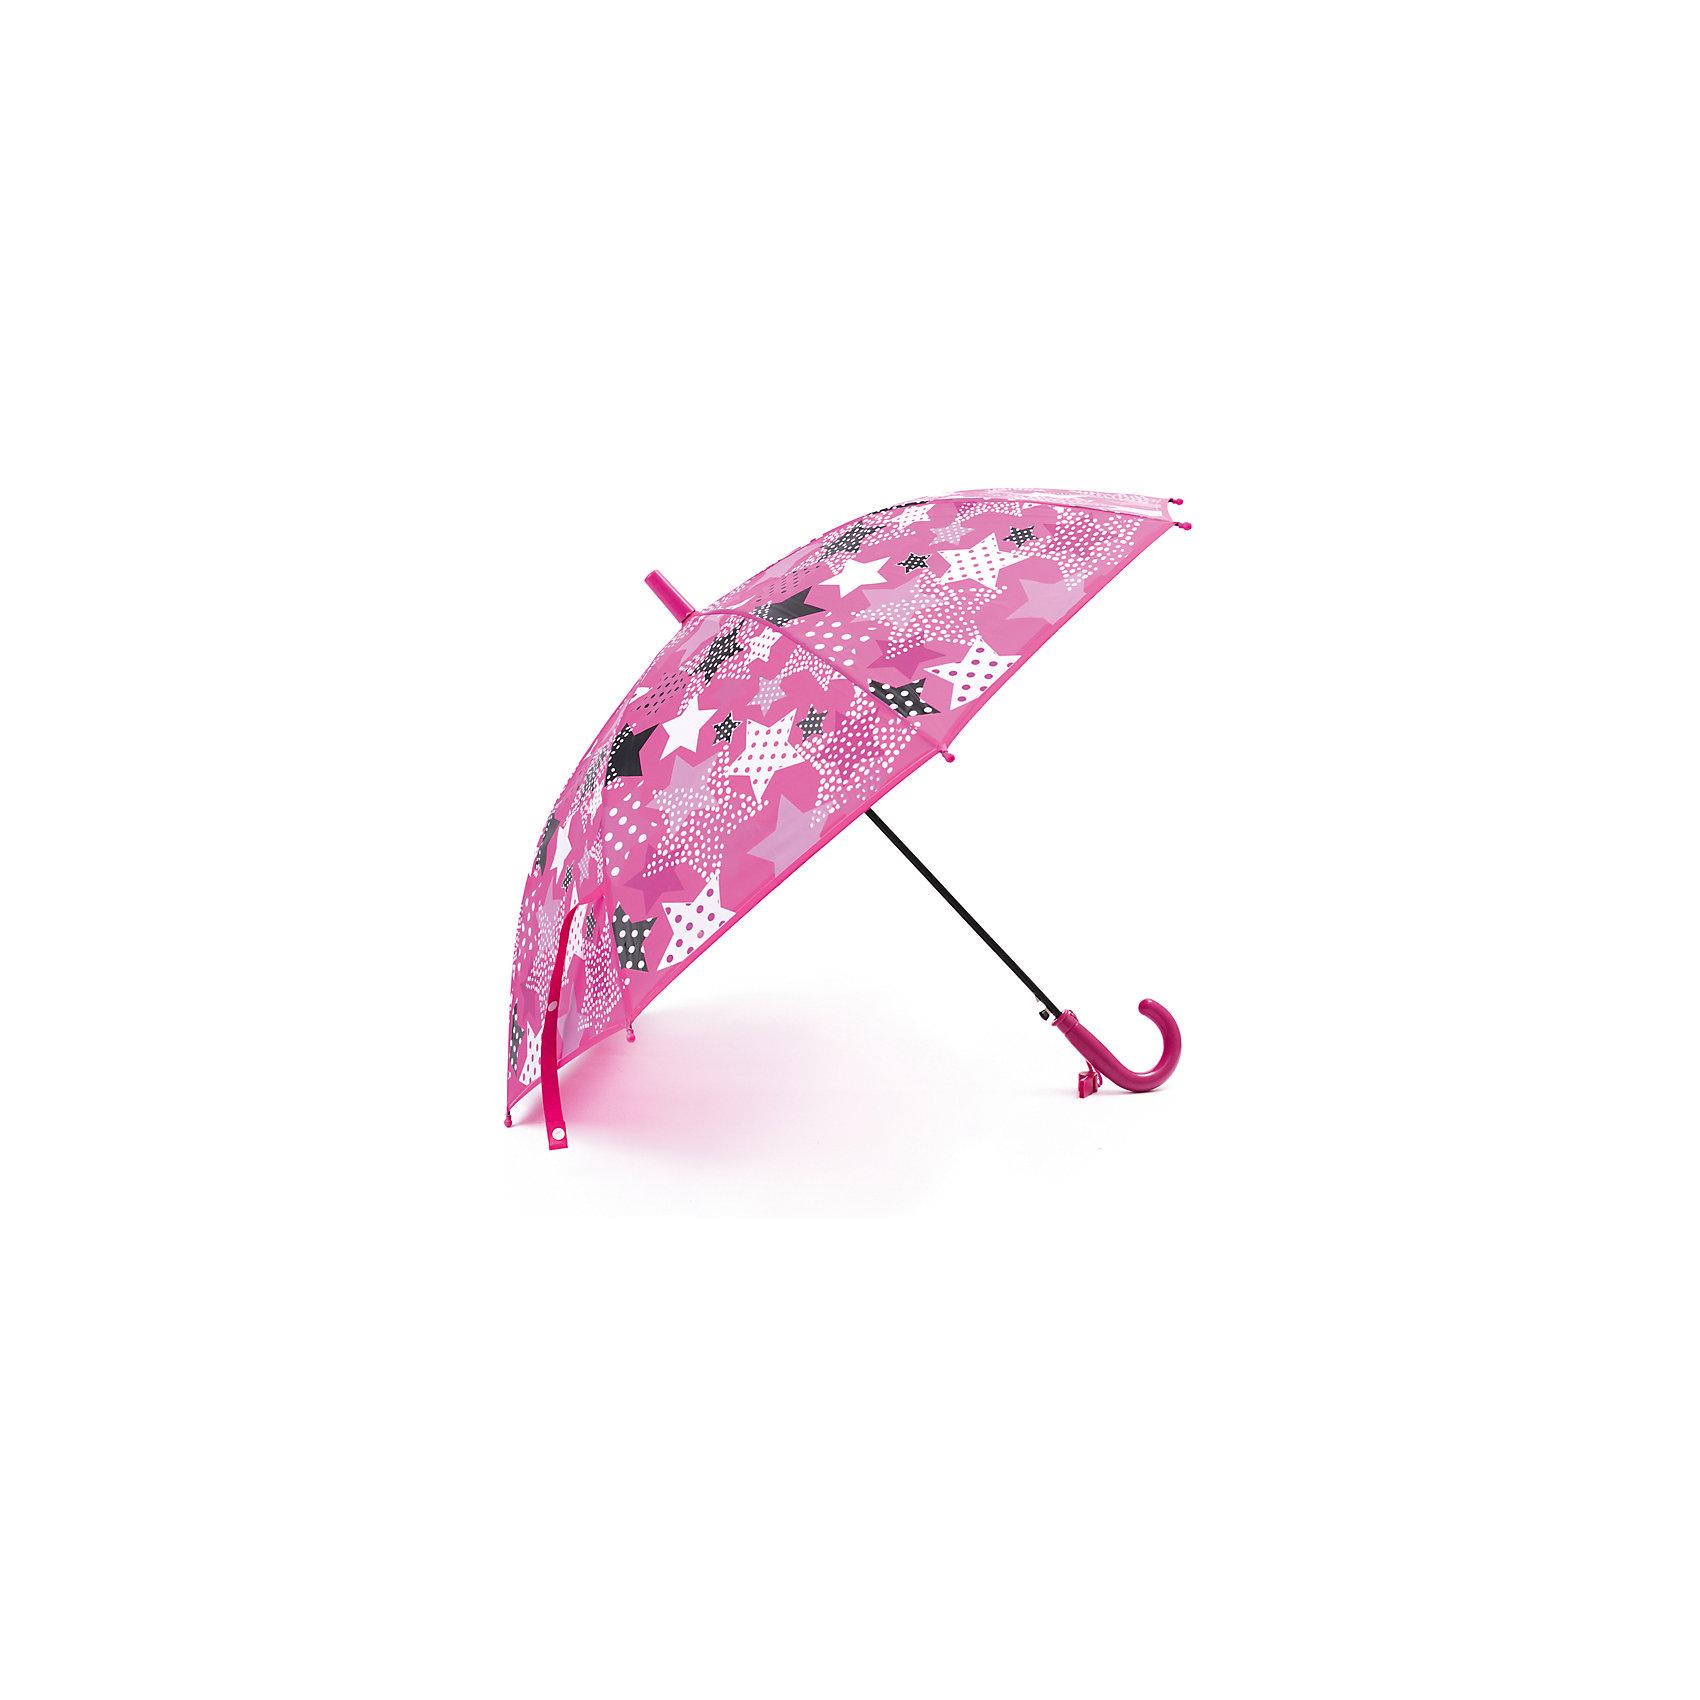 Зонт для девочки PlayTodayЗонт для девочки PlayToday<br>Этот яркий зонтик обязательно понравится Вашему ребенку! Оснащен специальной безопасной системой открывания и закрывания. Материал каркаса ветроустойчивый. Концы спиц снабжены пластмассовыми наконечниками для защиты от травм. Такой зонт идеально подойдет для прогулок в дождливую погоду. <br><br>Преимущества: <br><br>Оснащен специальной безопасной системой открывания и закрывания<br>Концы спиц снабжены пластмассовыми наконечниками для защиты от травм<br><br>Состав:<br>Каркас: 100:сталь; Купол: 100%полиэстер; Ручка:100% АБС пластик<br><br>Ширина мм: 170<br>Глубина мм: 157<br>Высота мм: 67<br>Вес г: 117<br>Цвет: разноцветный<br>Возраст от месяцев: 60<br>Возраст до месяцев: 144<br>Пол: Женский<br>Возраст: Детский<br>Размер: one size<br>SKU: 5404744